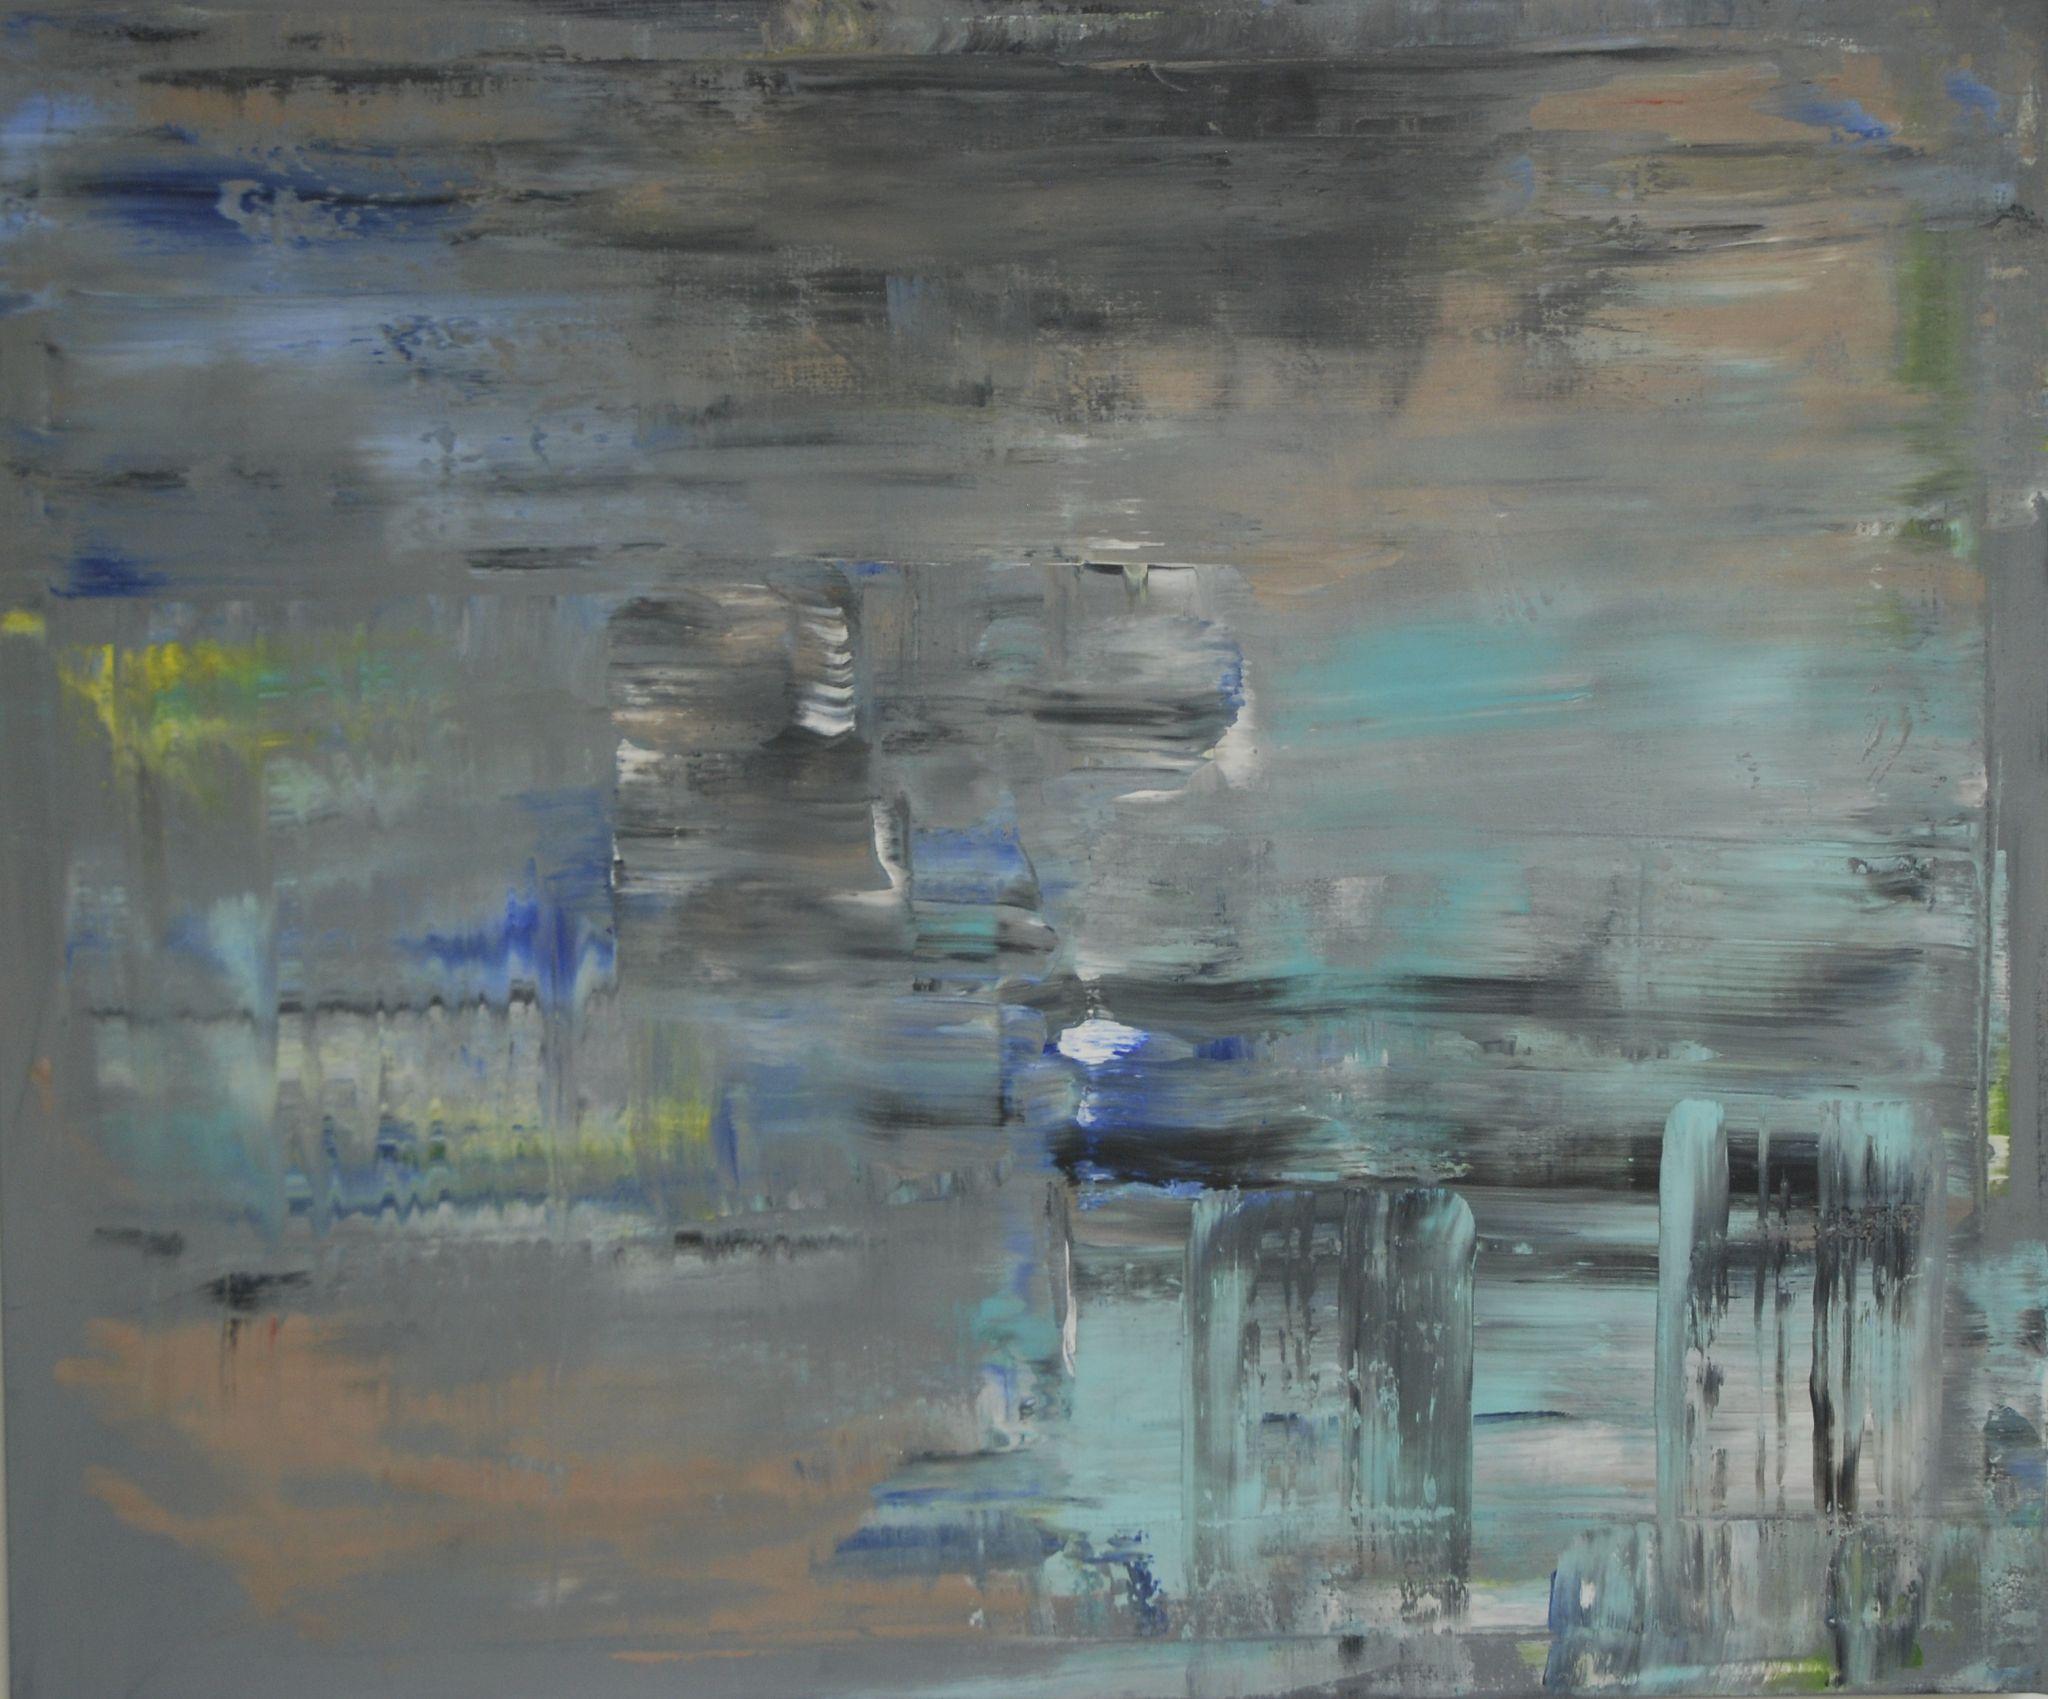 zimní, 100/120 cm, 2014, akryl na plátně